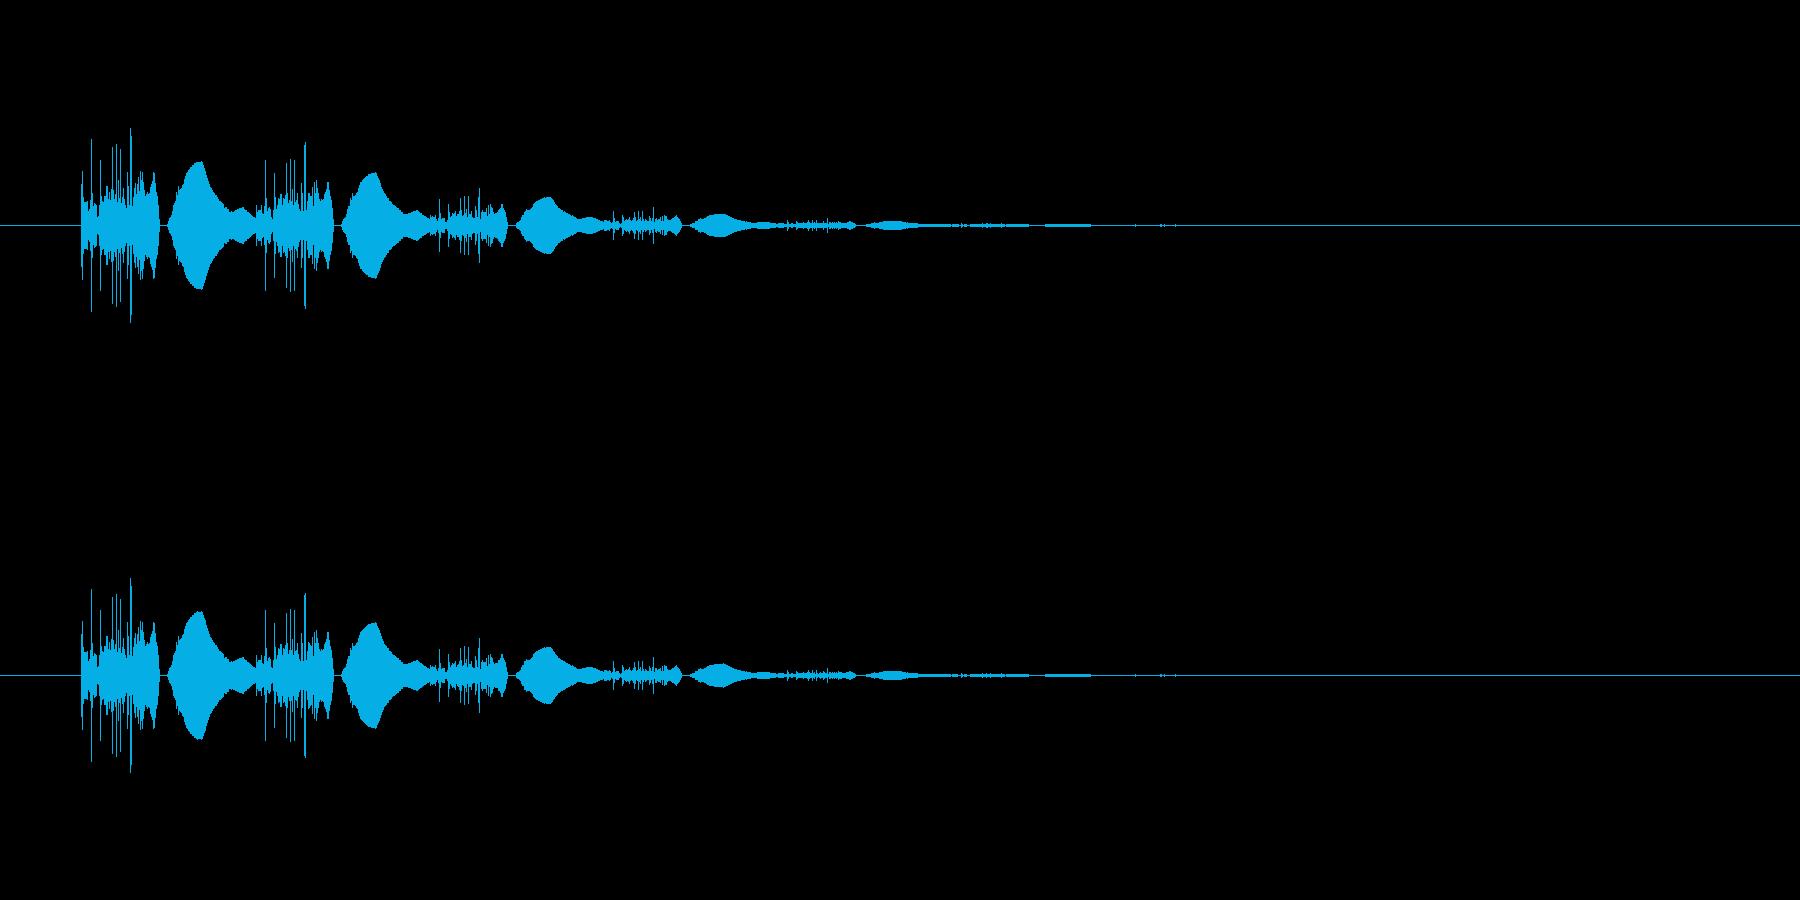 【ポップモーション36-3】の再生済みの波形